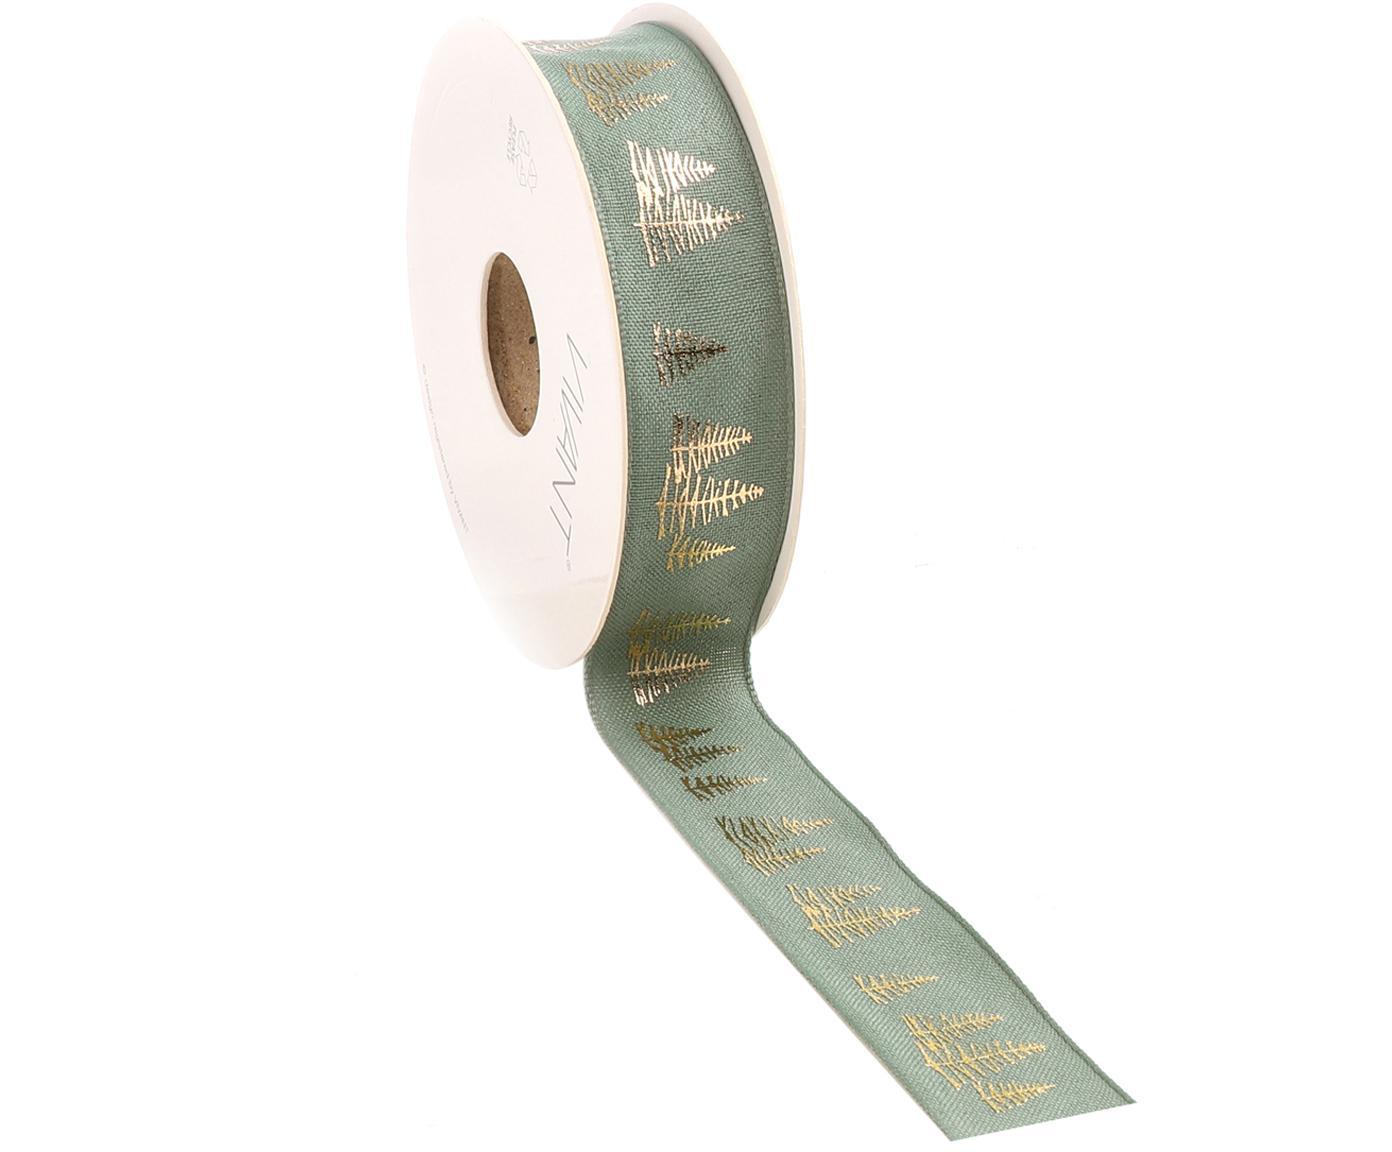 Wstążka na prezent Fir, Poliester, Szałwiowy zielony, odcienie złotego, S 3 x D 1500 cm